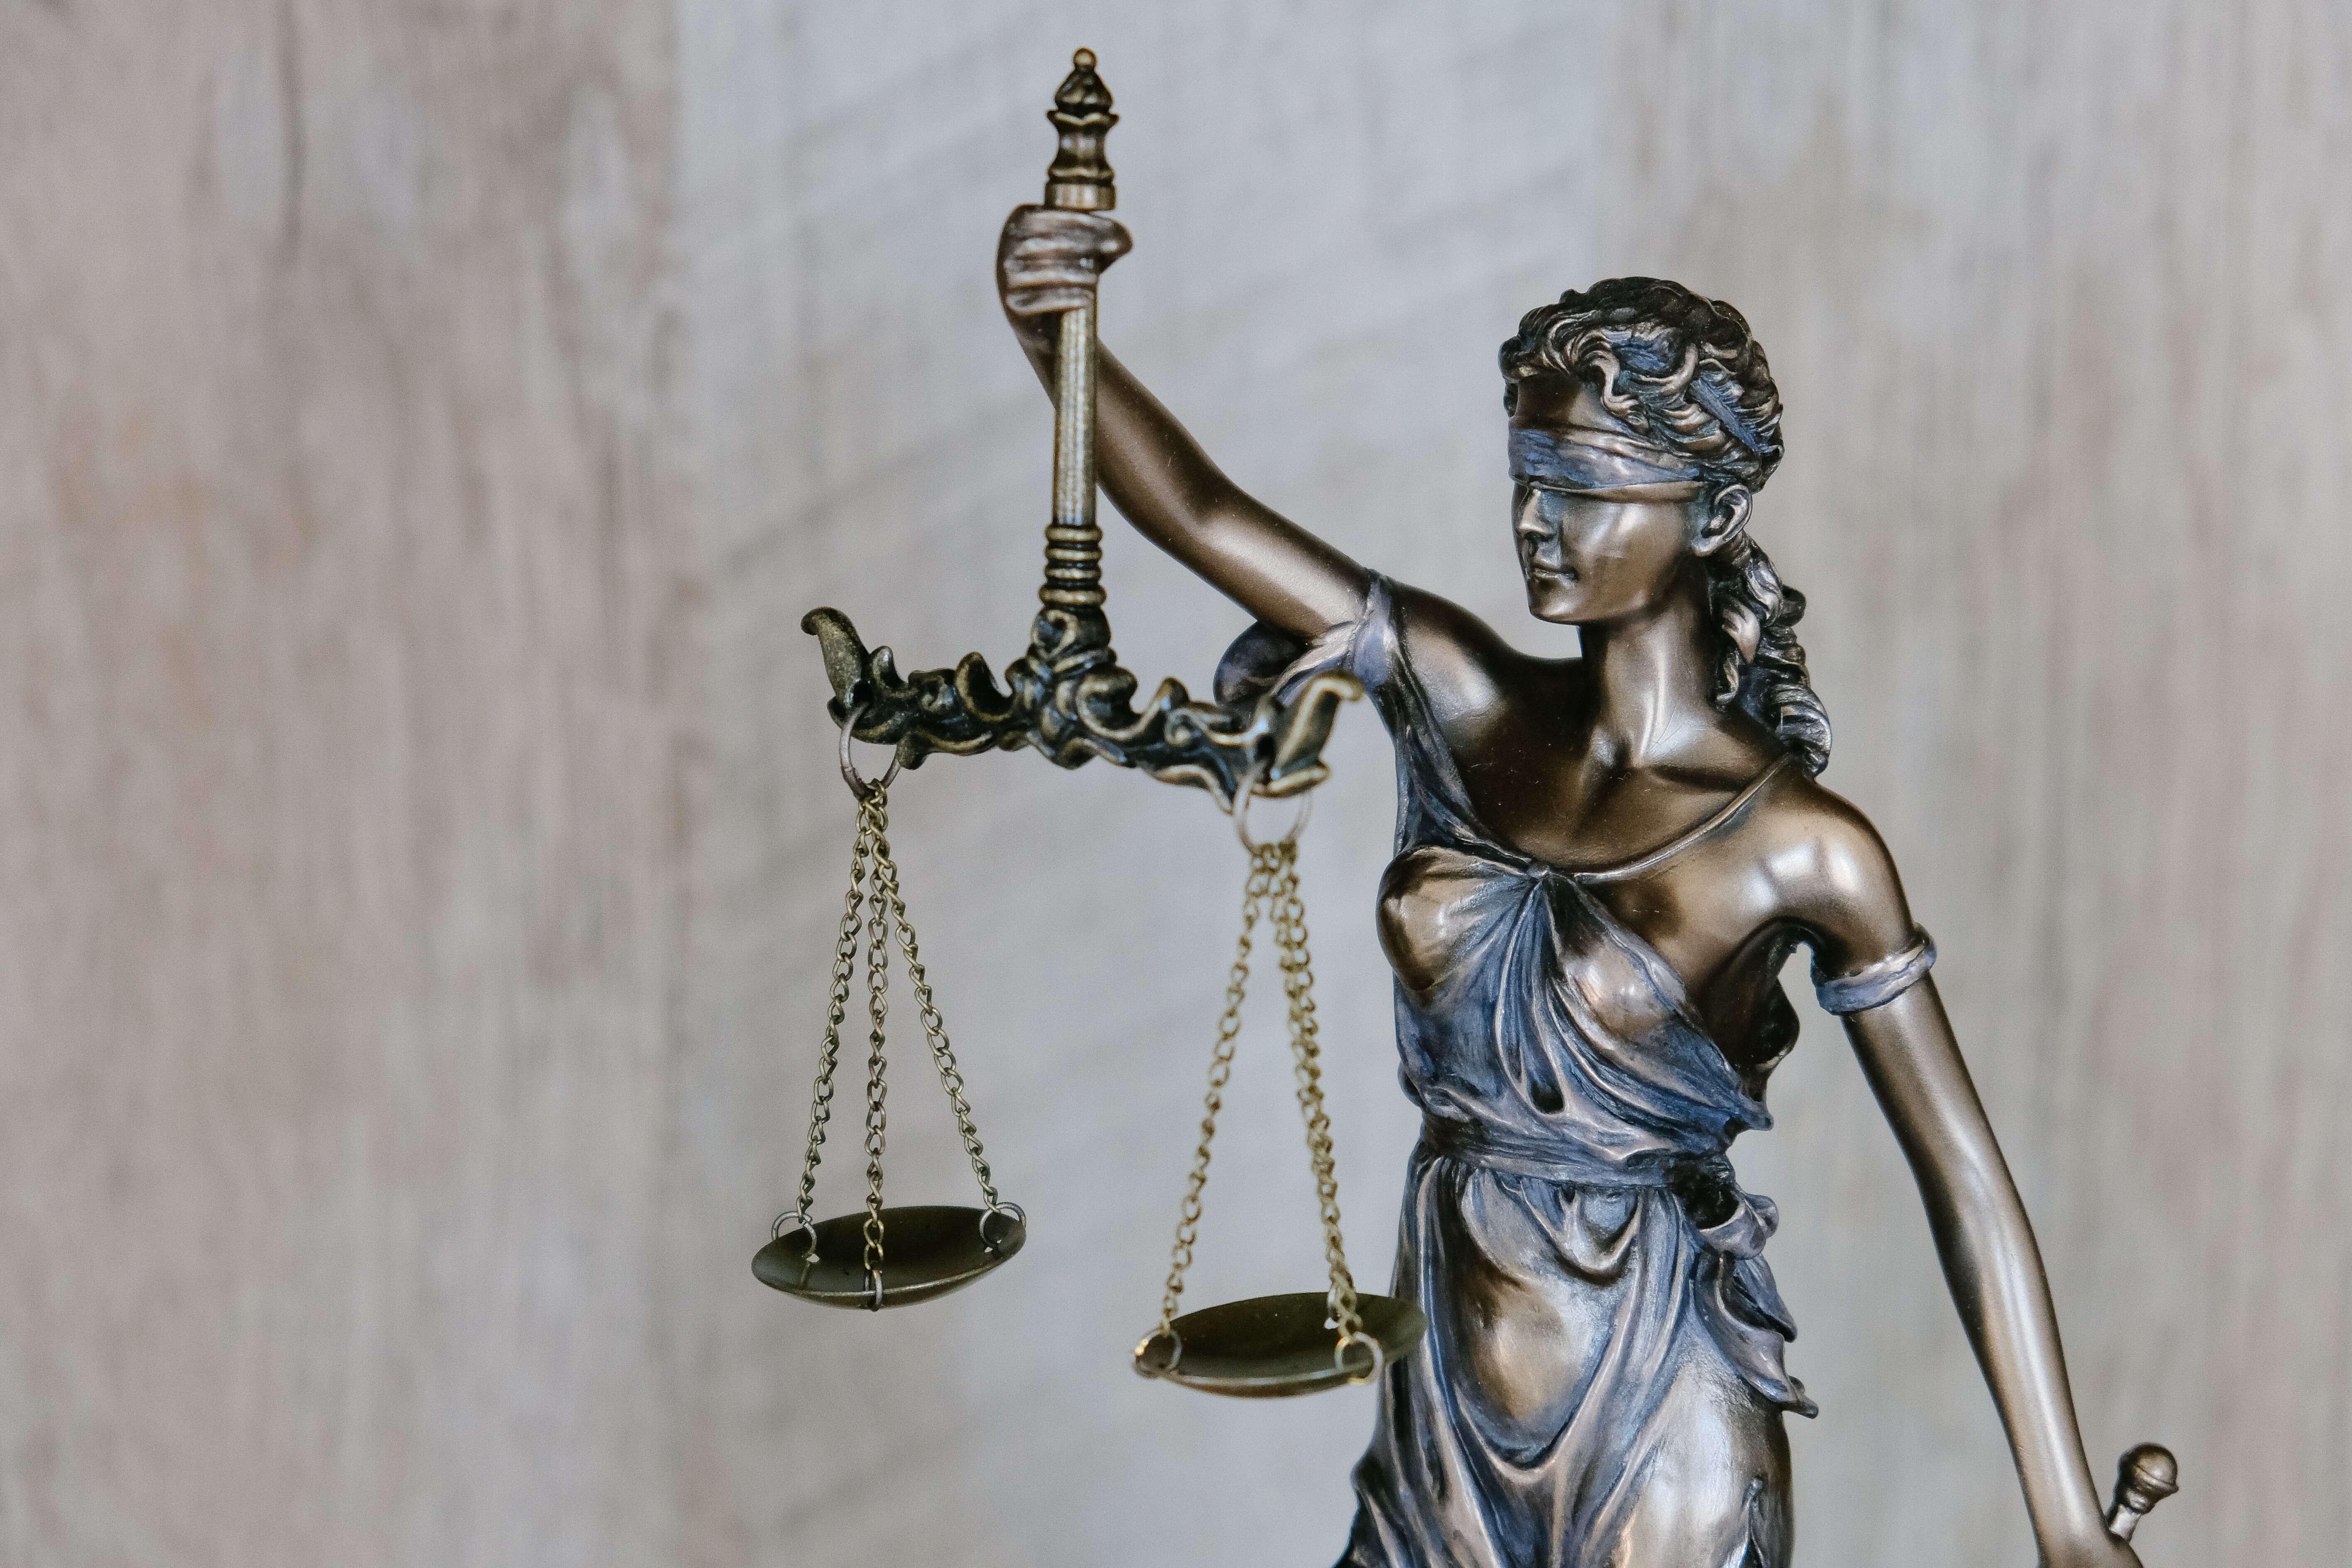 tingey injury law firm DZpc4UY8ZtY unsplash